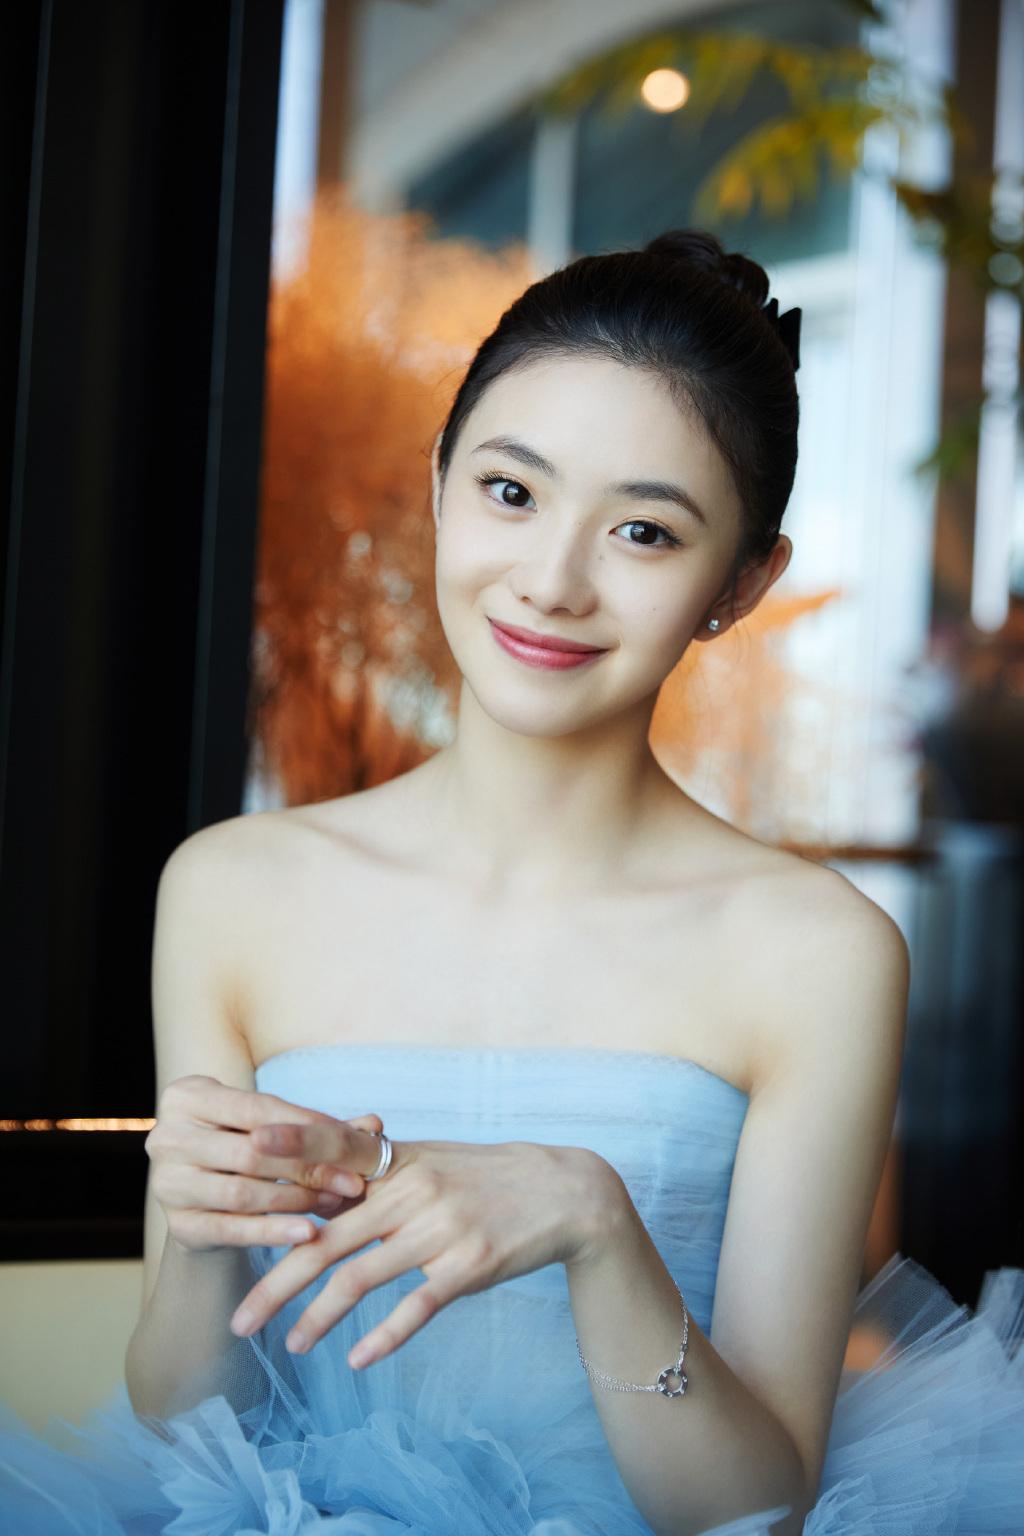 刘浩存蓝色梦幻抹胸公主裙礼服居家青涩可爱写真图片